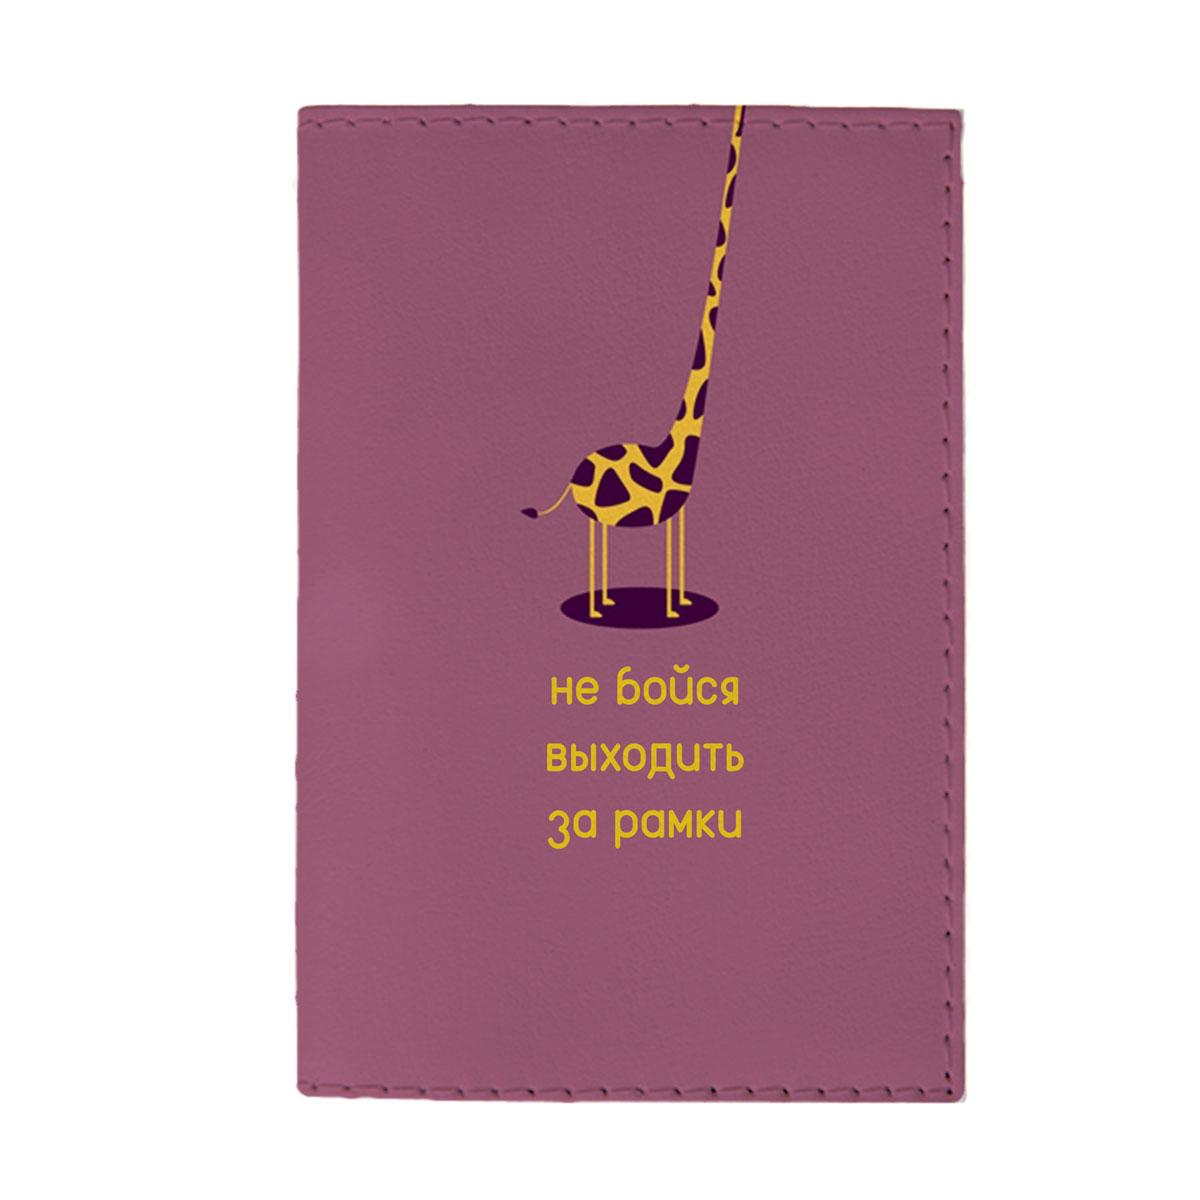 Обложка для паспорта женская Mitya Veselkov Жираф-смельчак, цвет: розовый. OZAM4001807455 pearl ak multiОбложка для паспорта Mitya Veselkov Жираф-смельчак не только поможет сохранить внешний вид ваших документов и защитить их от повреждений, но и станет стильным аксессуаром, идеально подходящим вашему образу.Она выполнена из поливинилхлорида, внутри имеет два вертикальных кармашка из прозрачного пластика.Такая обложка поможет вам подчеркнуть свою индивидуальность и неповторимость!Обложка для паспорта стильного дизайна может быть достойным и оригинальным подарком.